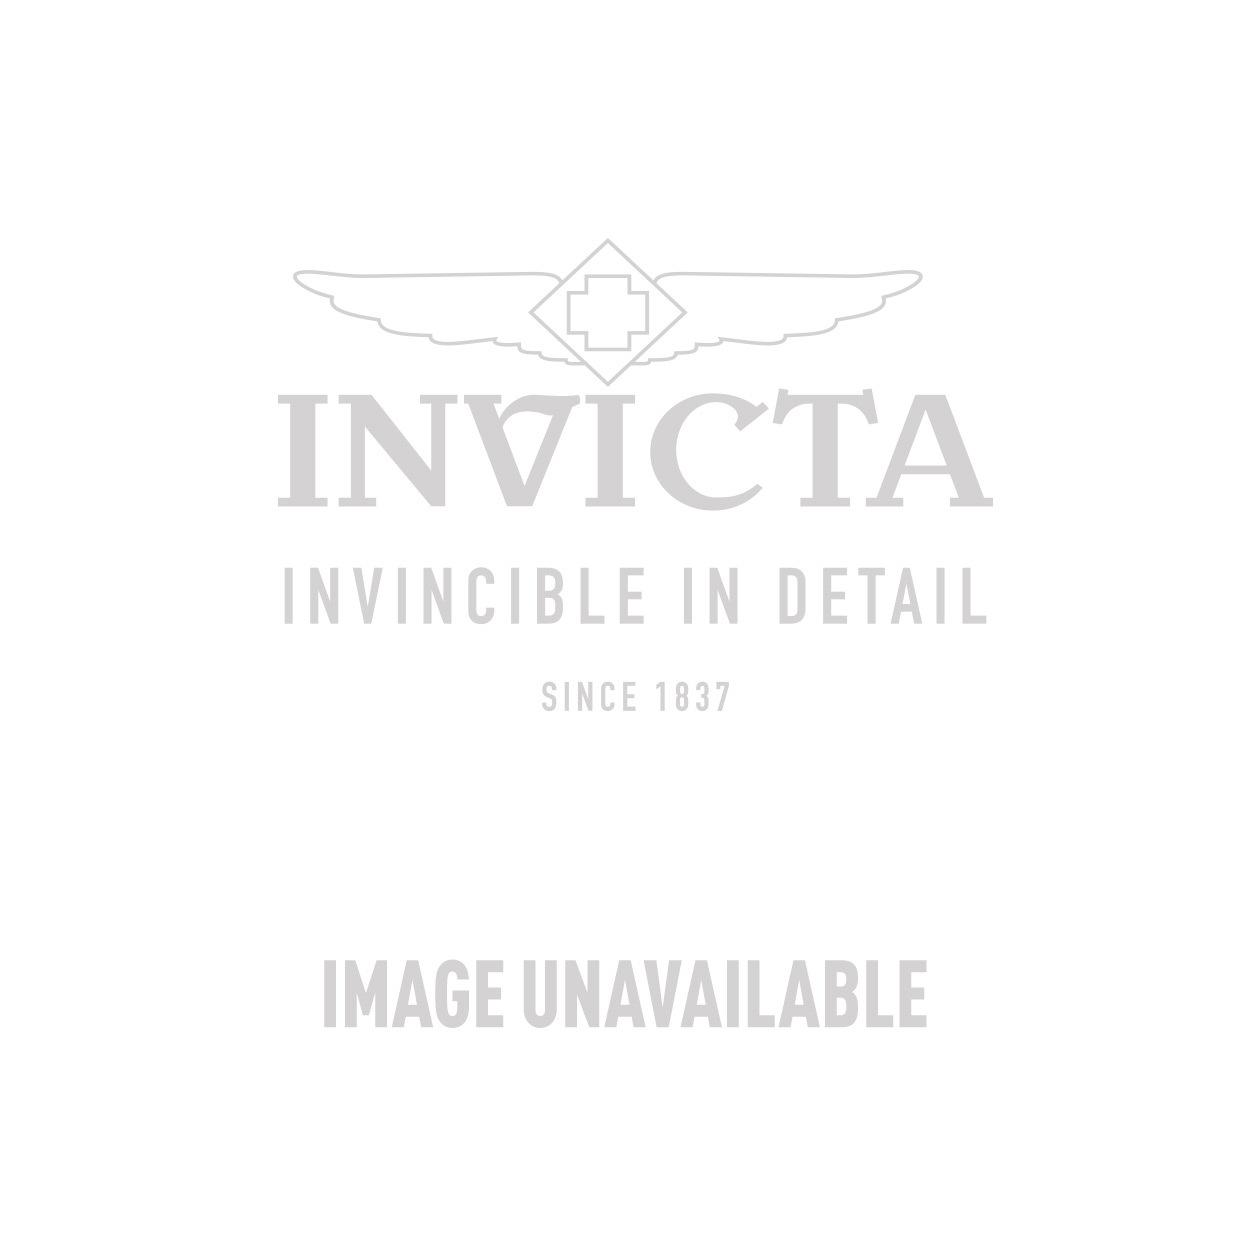 Invicta Model 27123